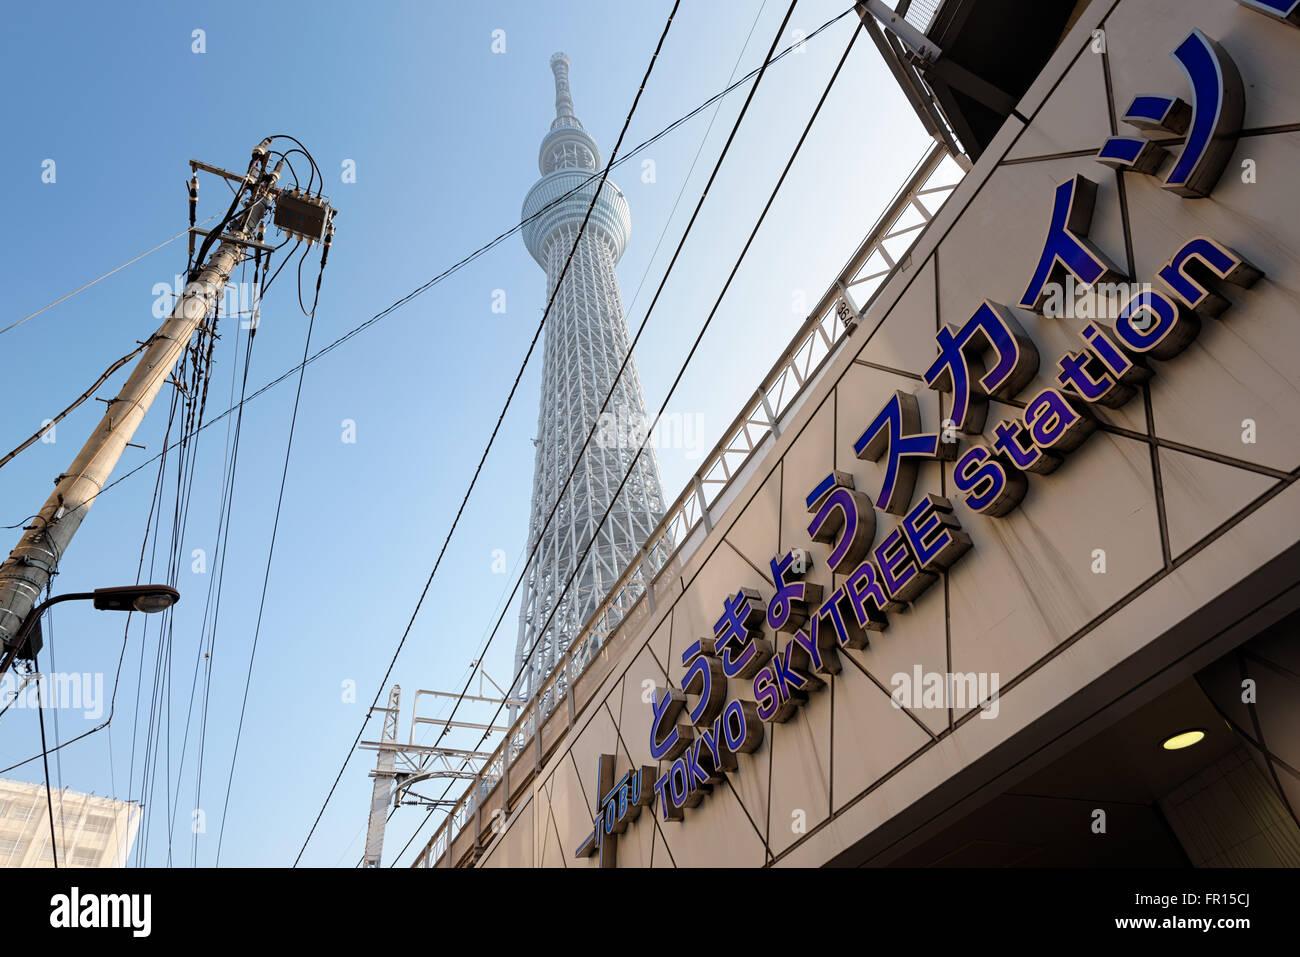 Tokyo, Japon - 16 décembre 2015 Tokyo SkyTree: près de la Station Tokyo Skytree. Un de Tokyo skytree Photo Stock